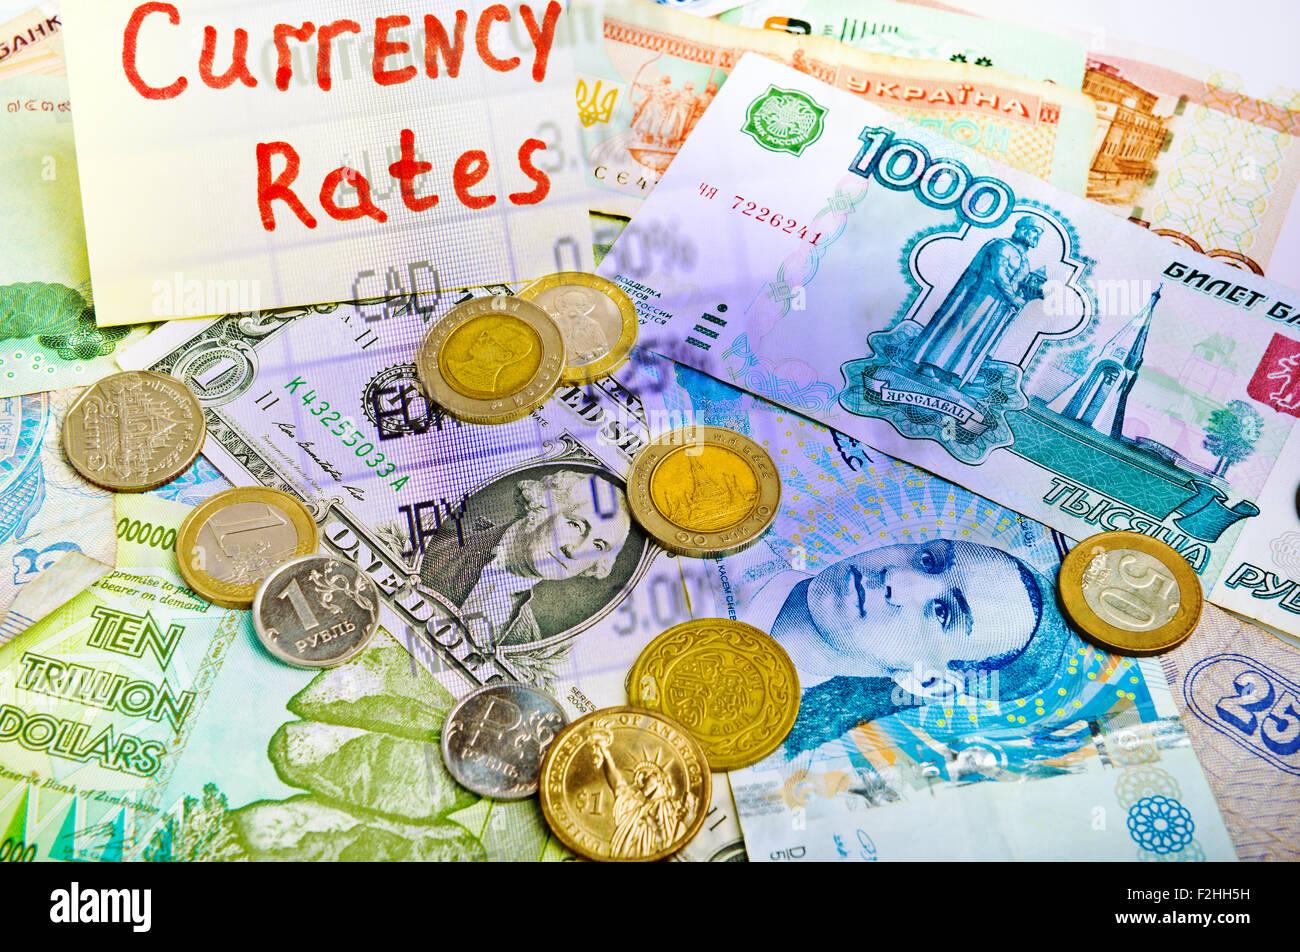 Collage de diferentes números de mercado de dinero y colores vibrantes Imagen De Stock